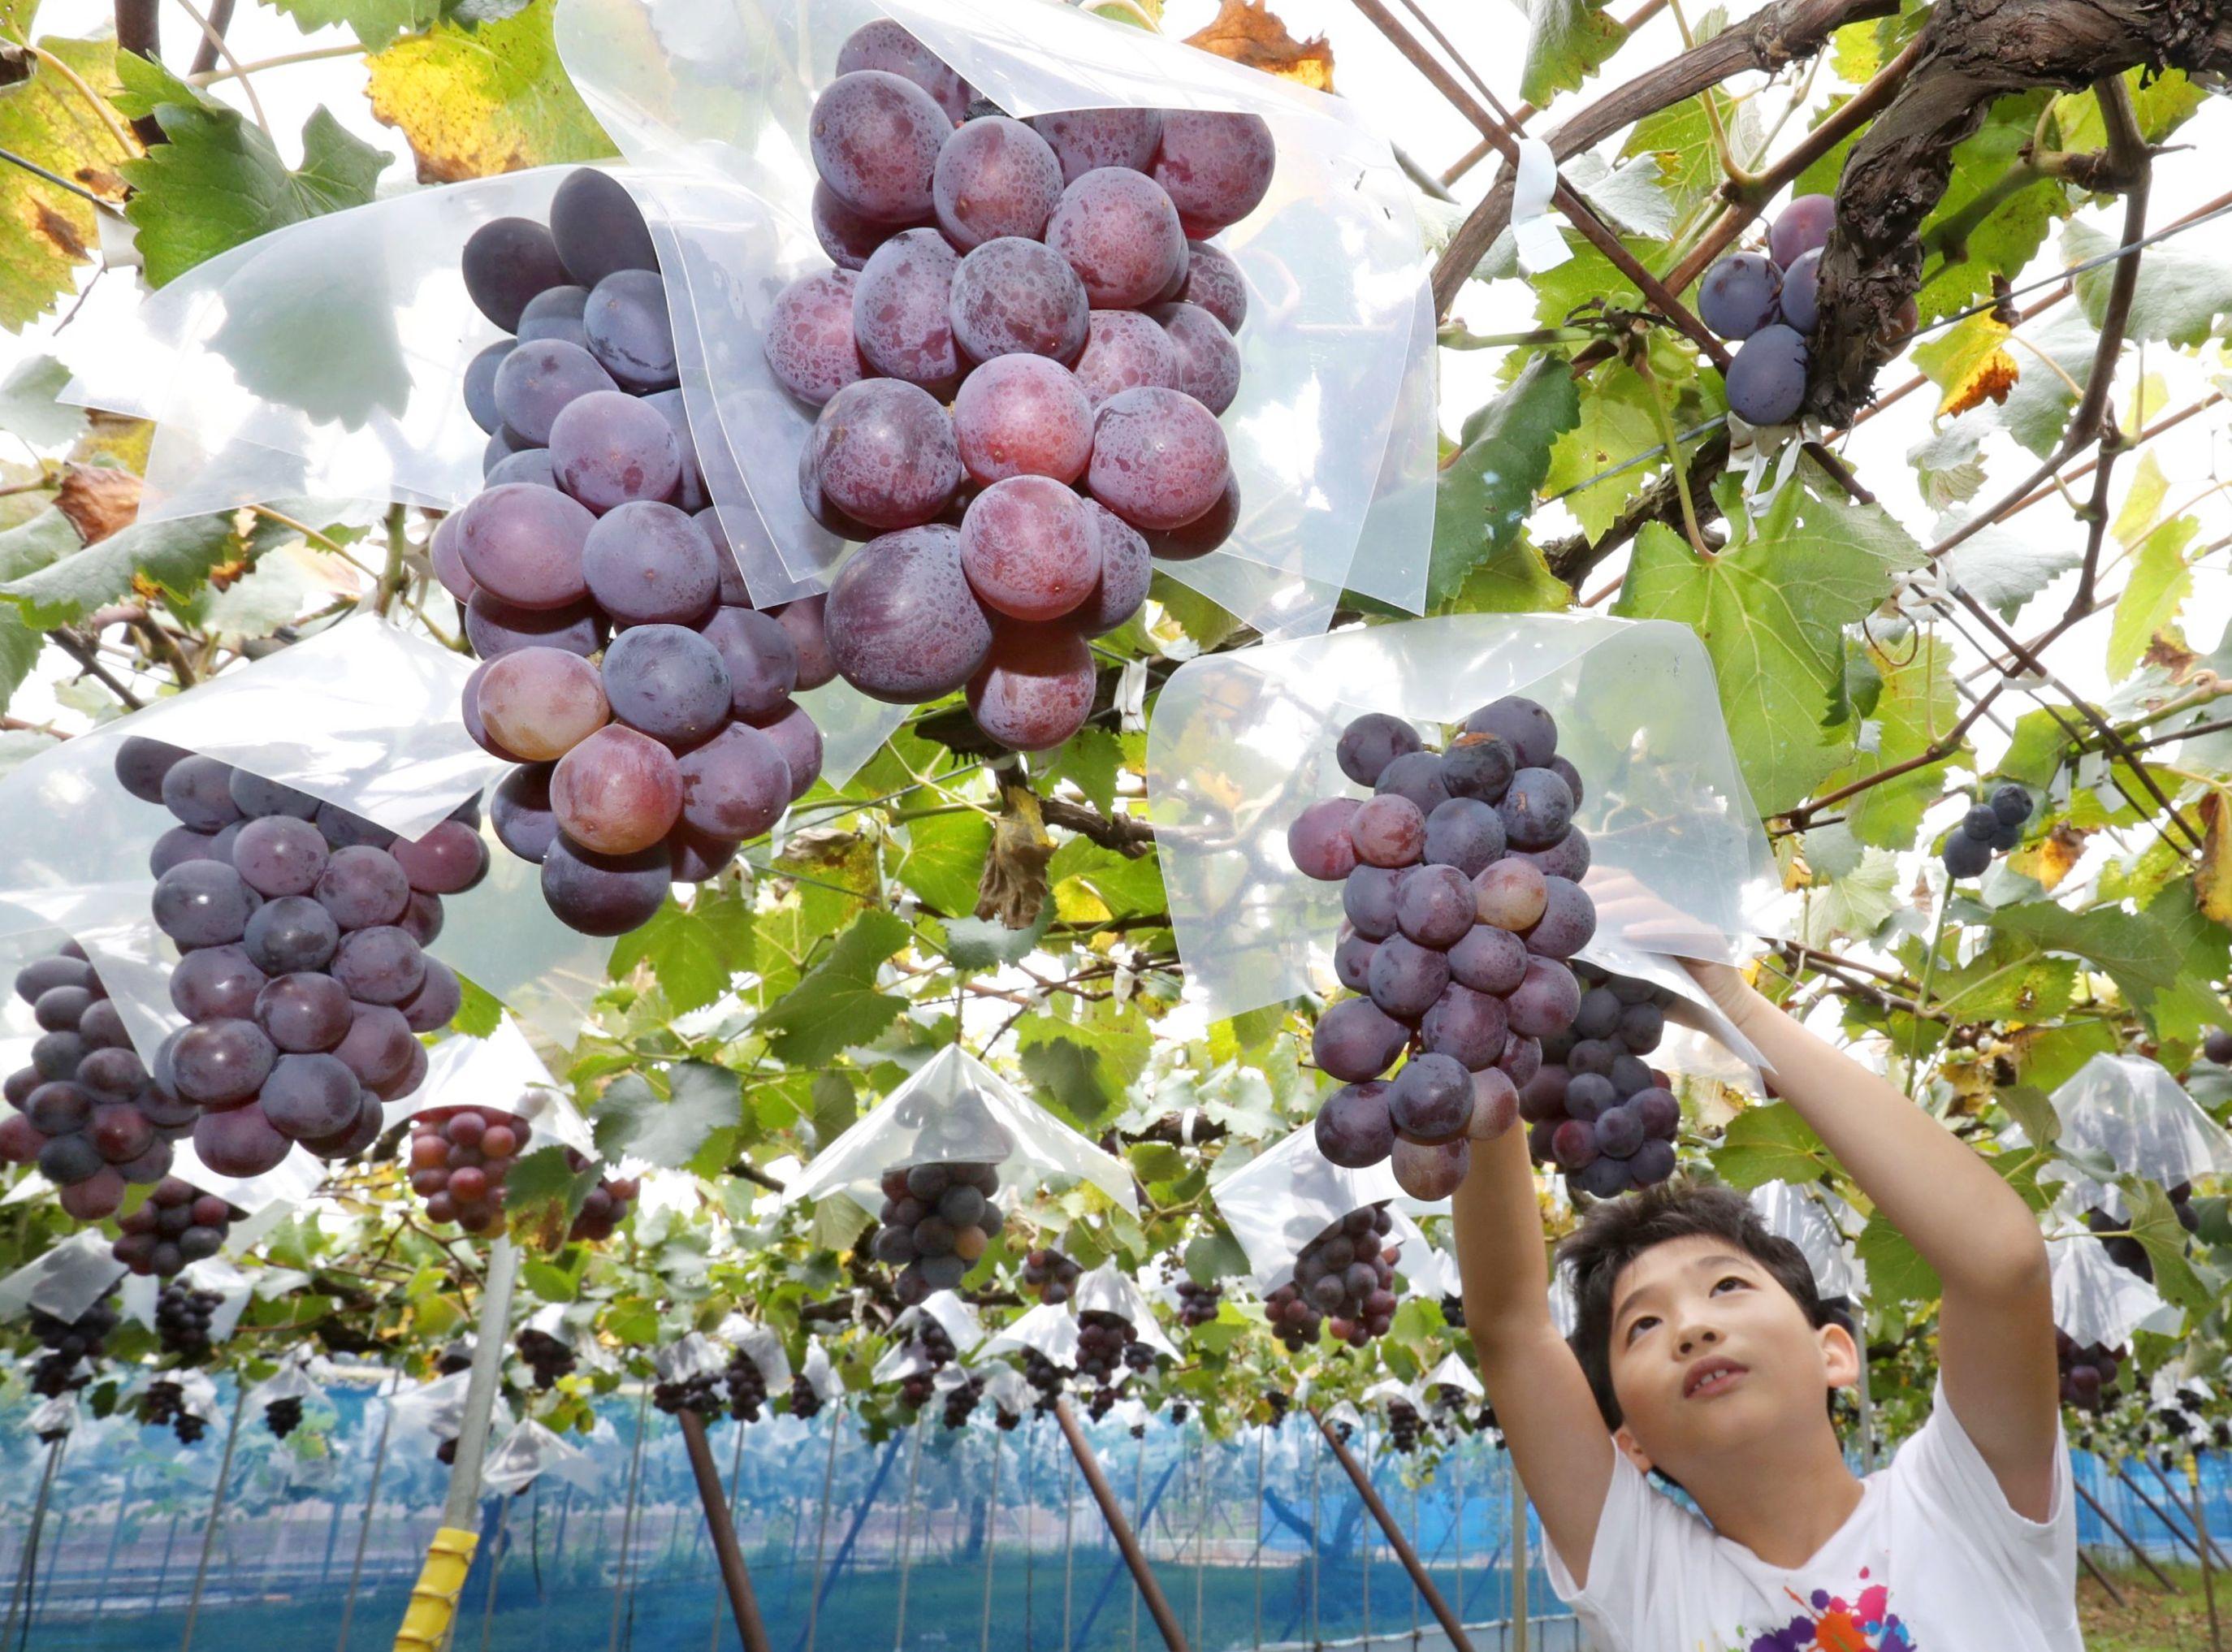 ブドウ狩りを楽しむ子ども=31日、新潟市南区鷲ノ木新田